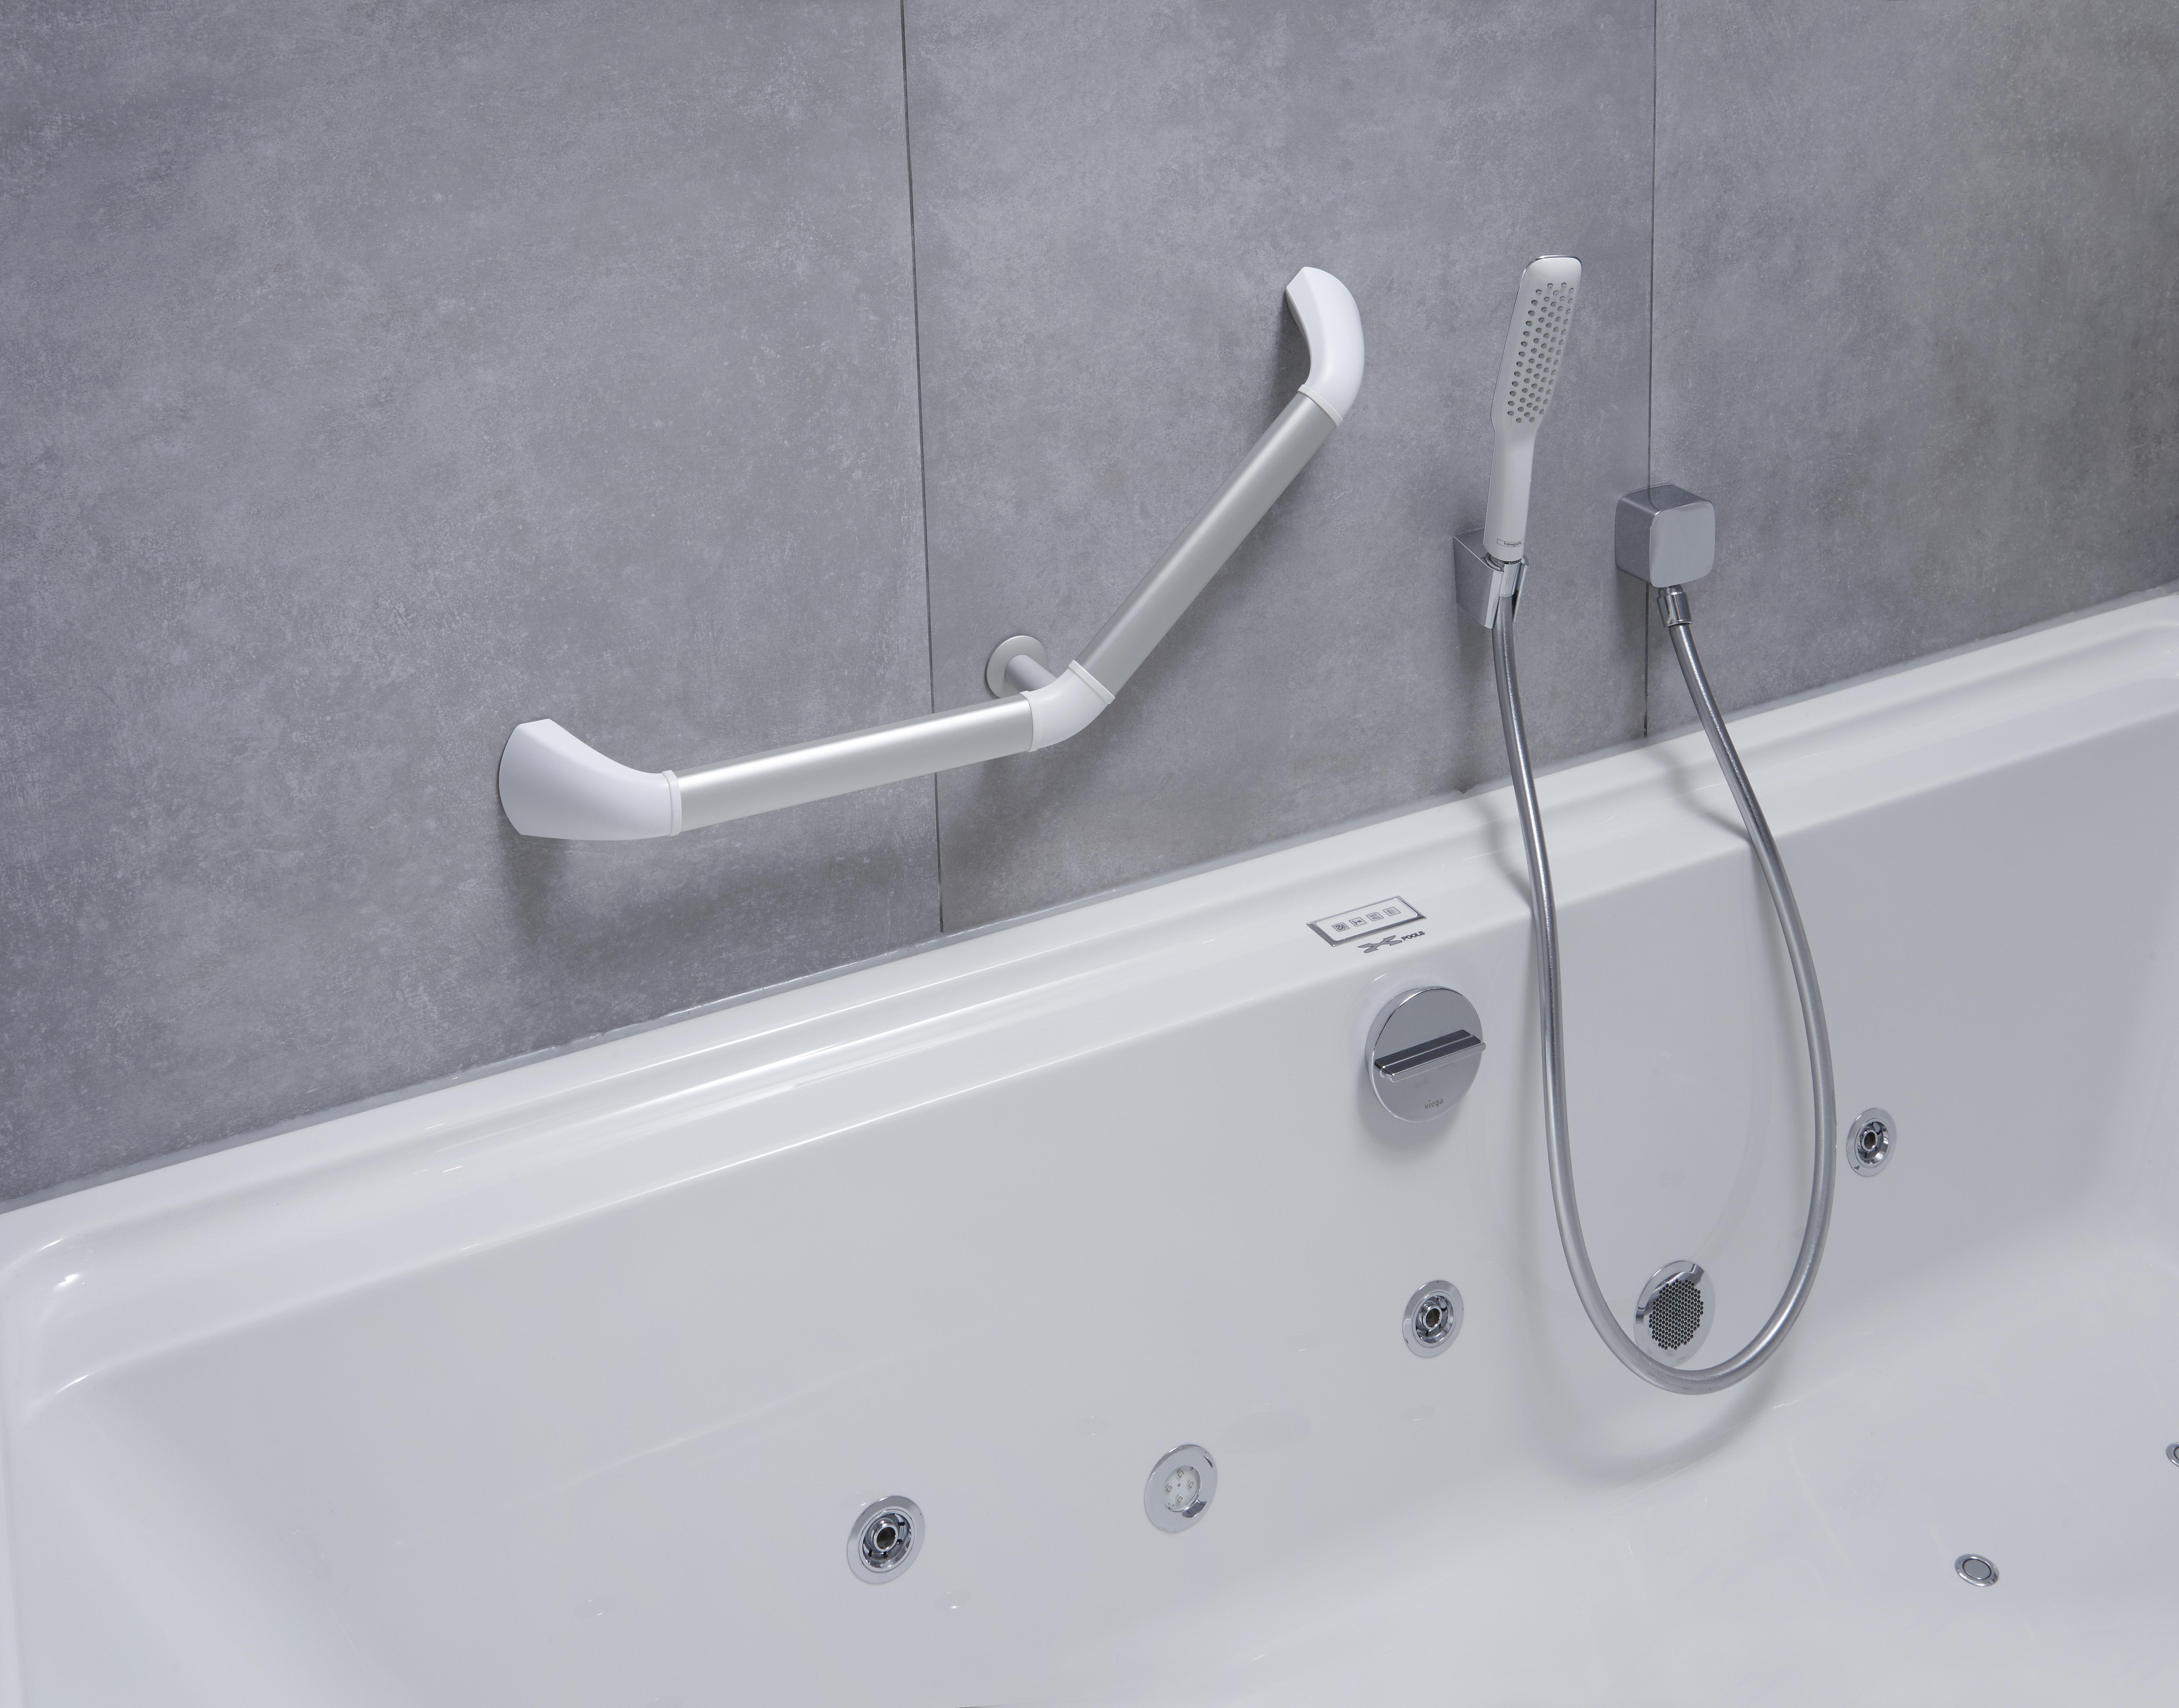 Asidero de aluminio para bañera en 45 grados